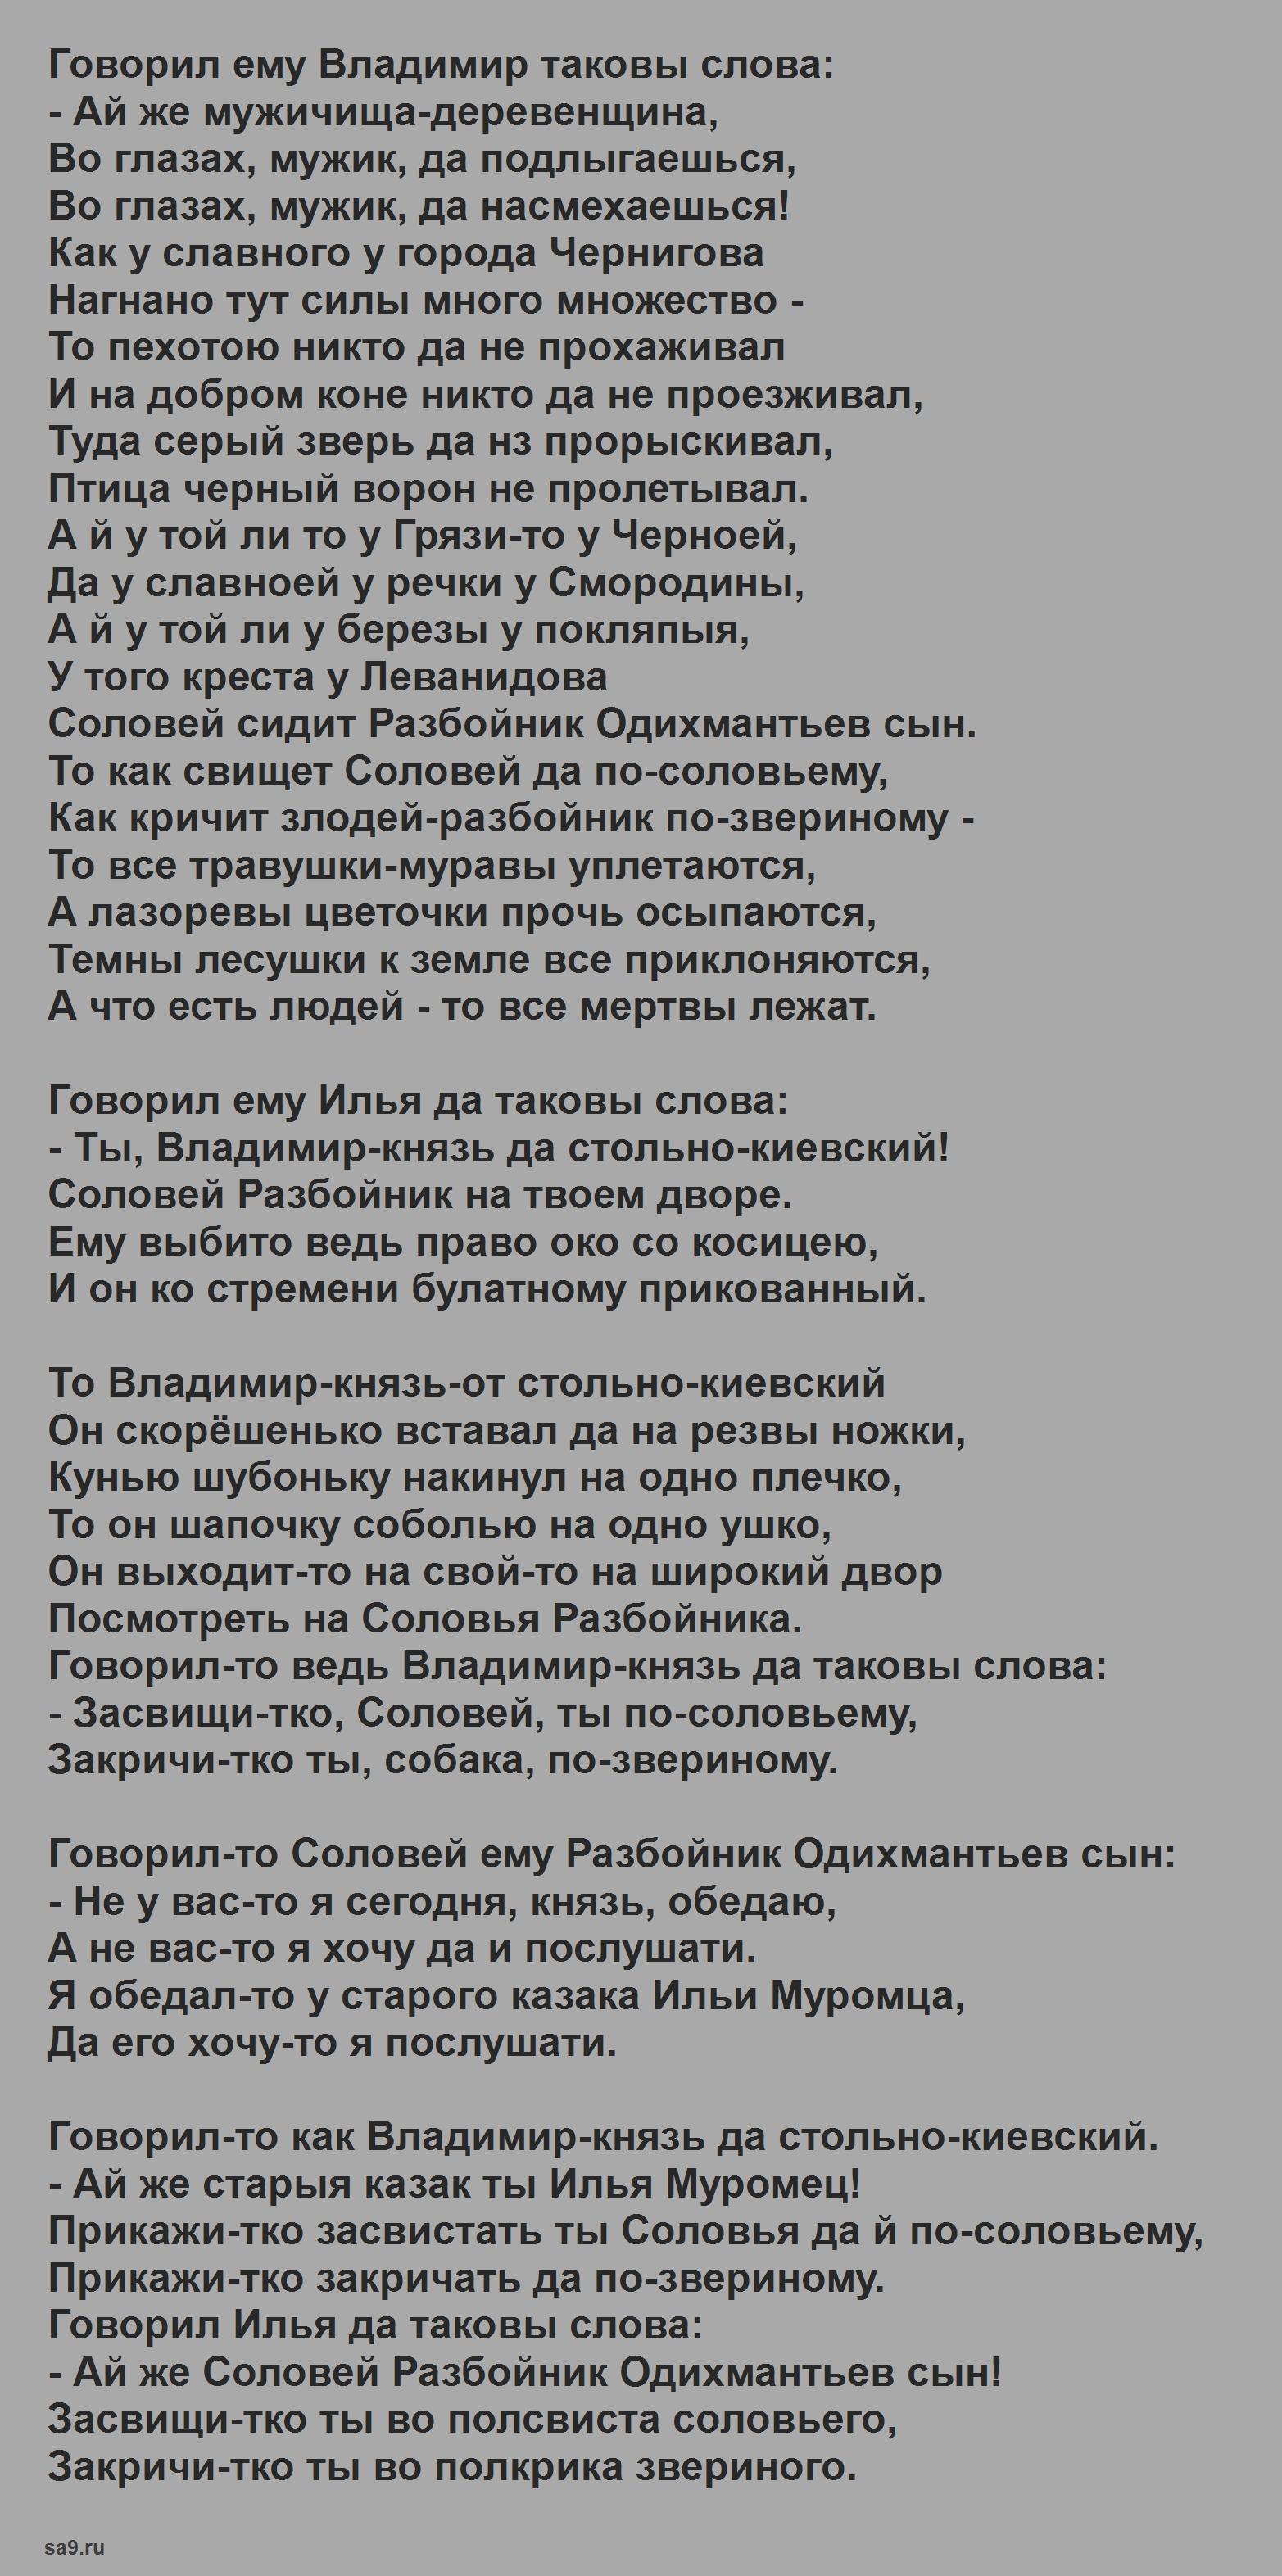 Читать былину - Илья Муромец и Соловей Разбойник, полностью бесплатно